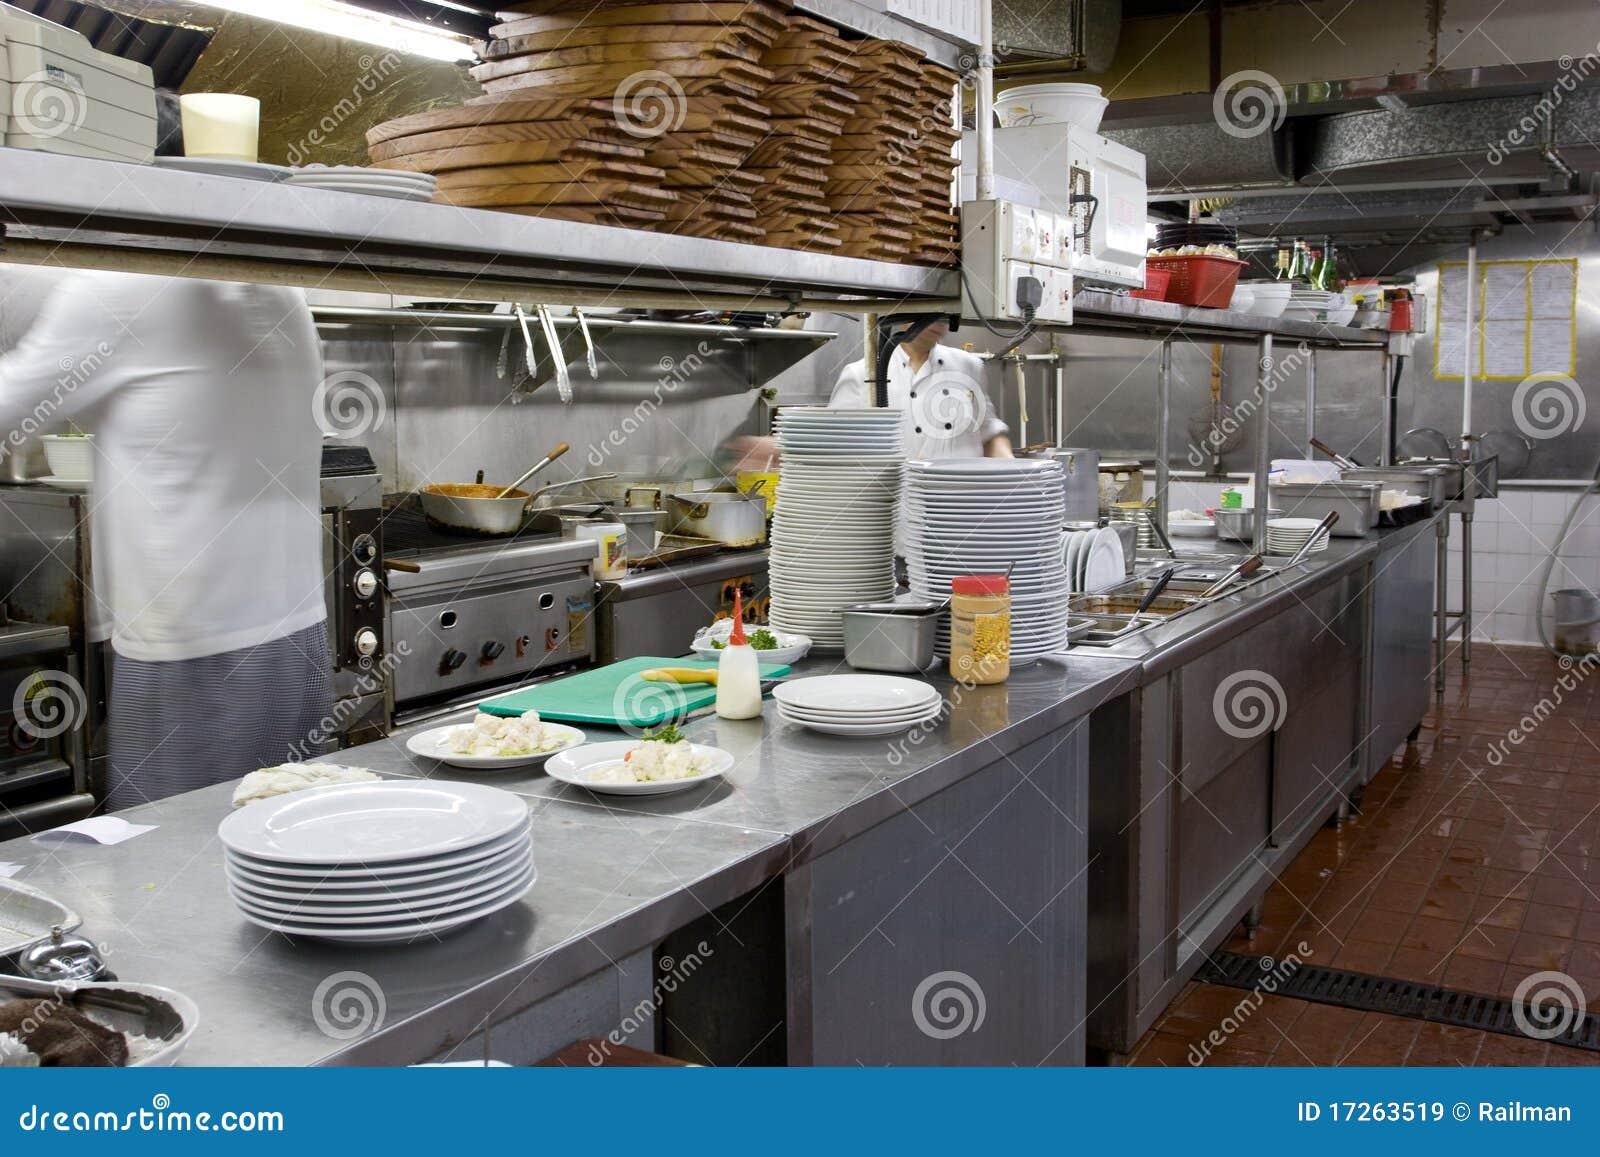 cuisine de restaurant images libres de droits image 17263519. Black Bedroom Furniture Sets. Home Design Ideas